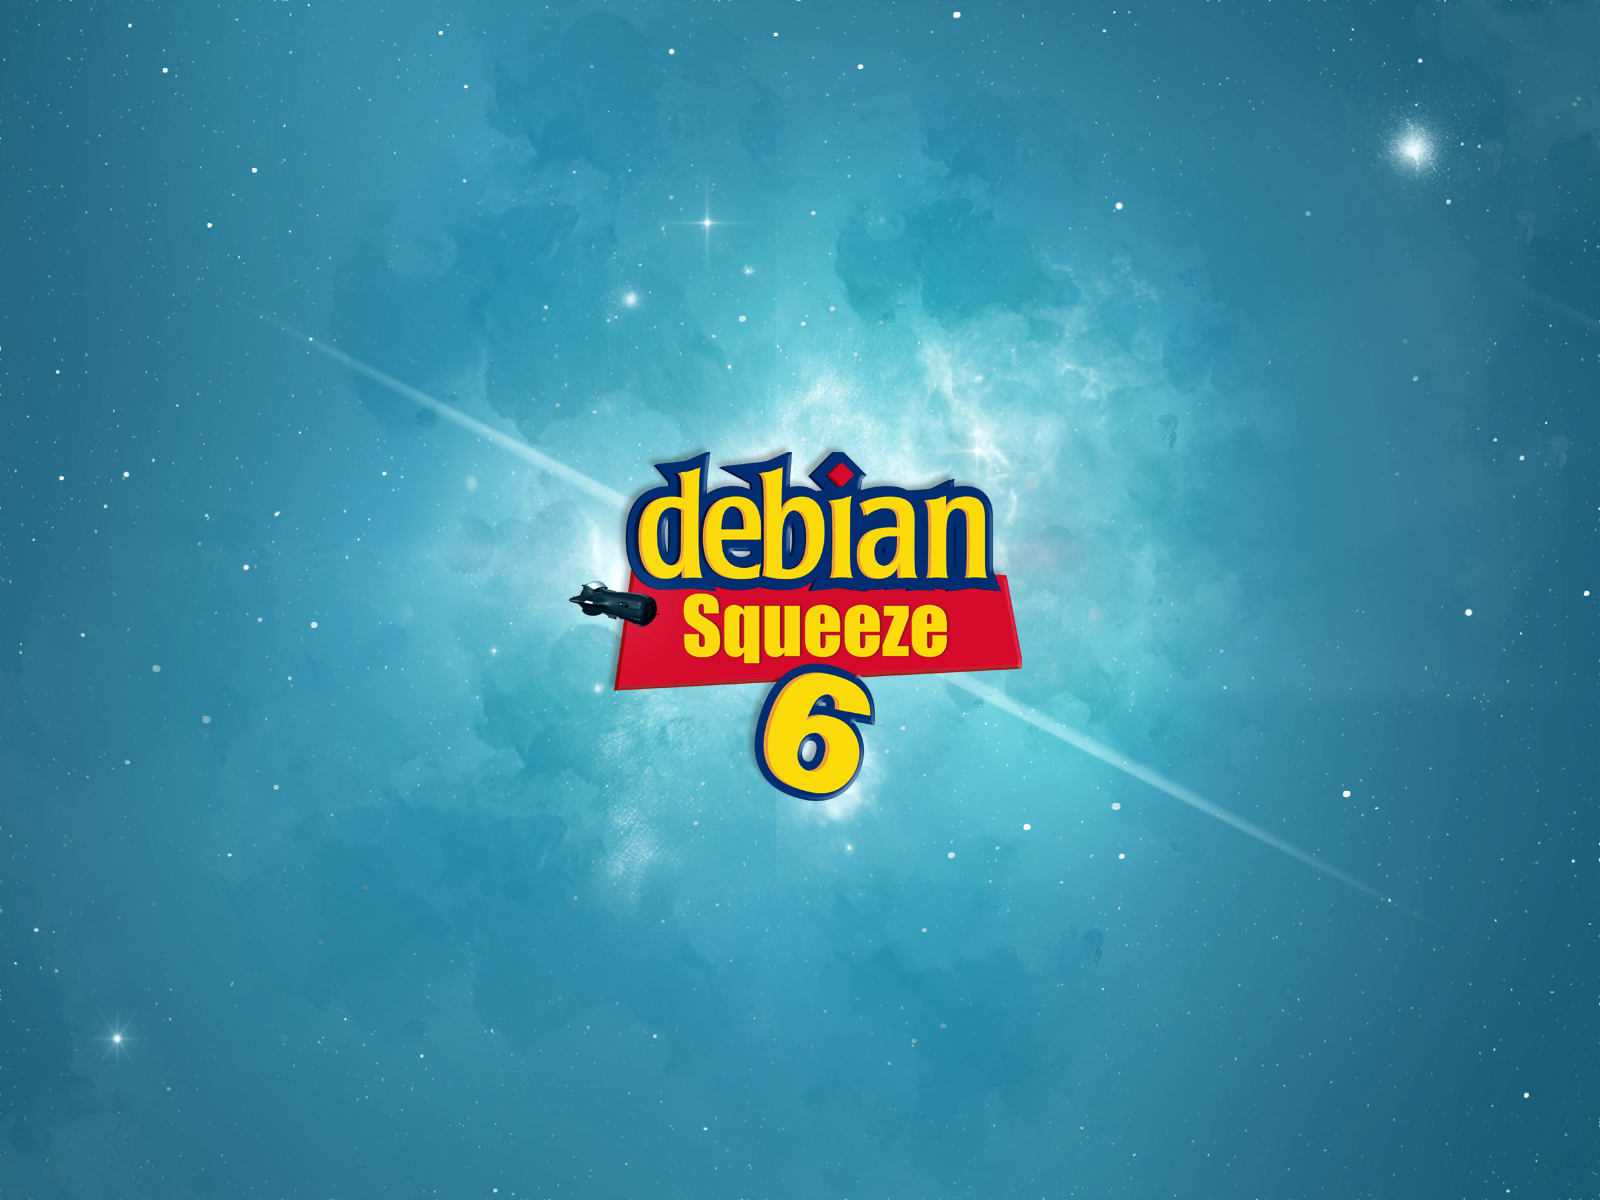 http://1.bp.blogspot.com/_Zkx_e54W3KM/TUxD082w5lI/AAAAAAAAB_M/Cb9bFZSYhW8/s1600/Debian+Squeeze+-+Planet+blue+v+0.1+-+by_mdh3ll.jpg